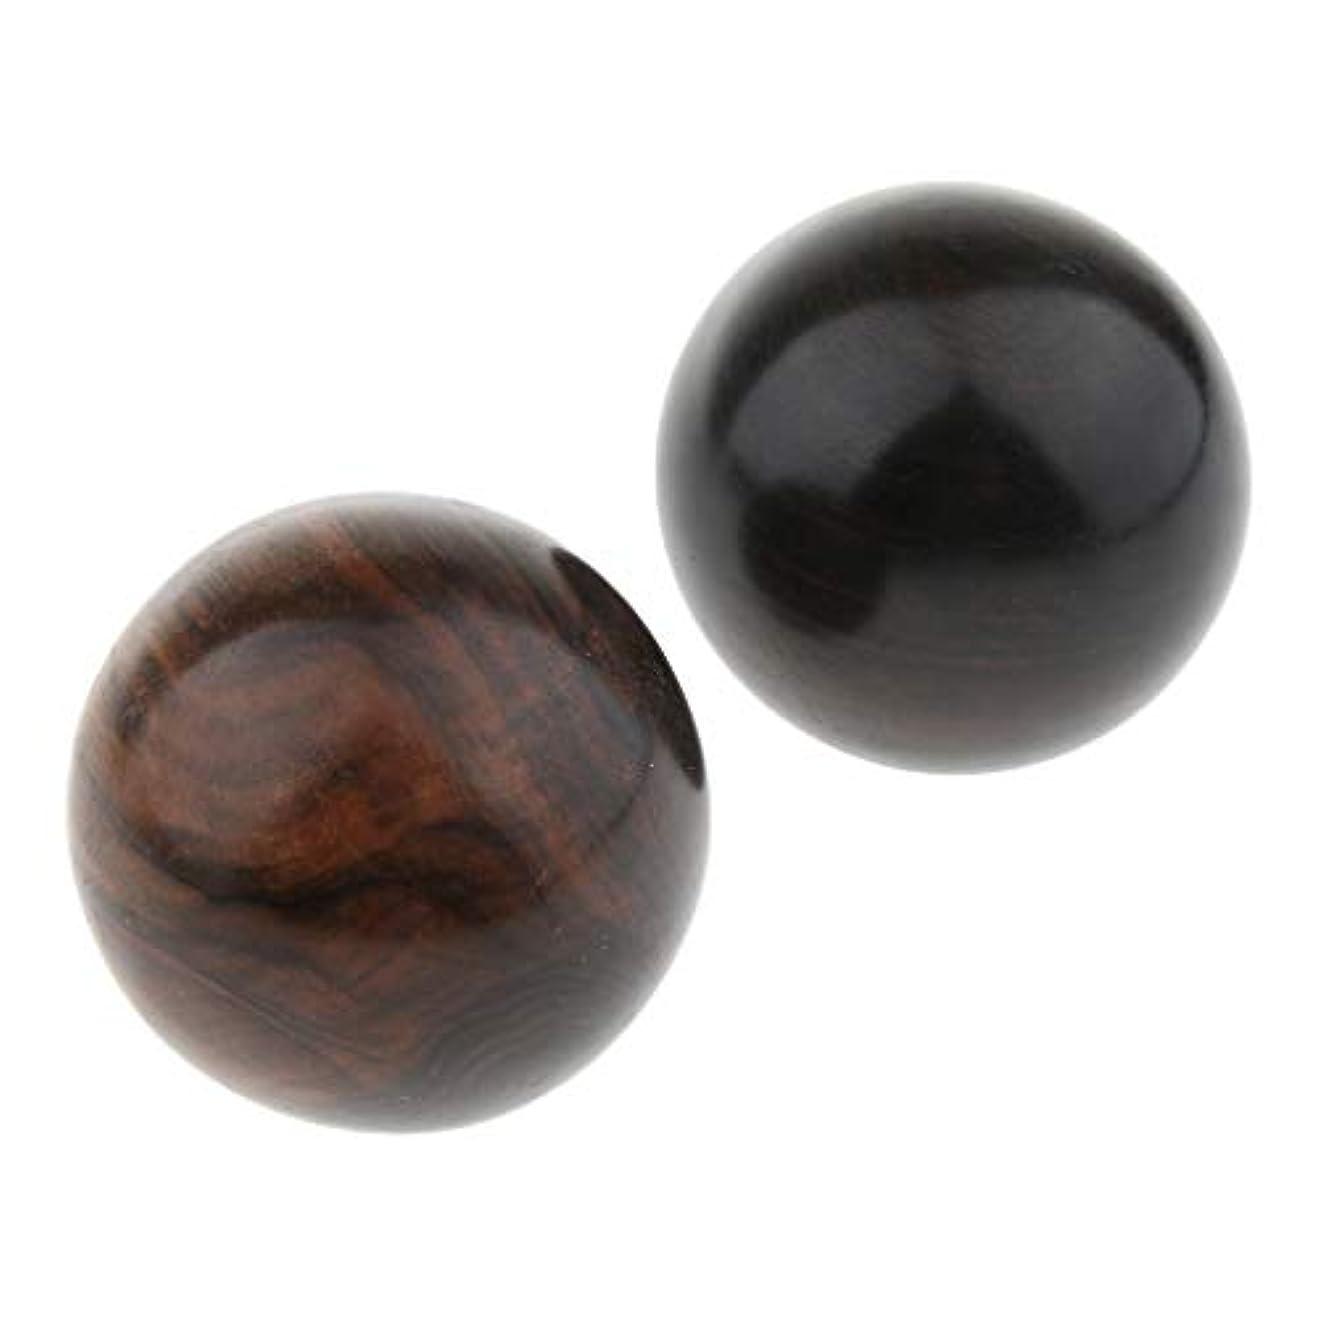 通信網時々未使用Baoblaze ハンドボール マッサージボール 木製 ストレス解消 運動 トリガーポイント 2個入